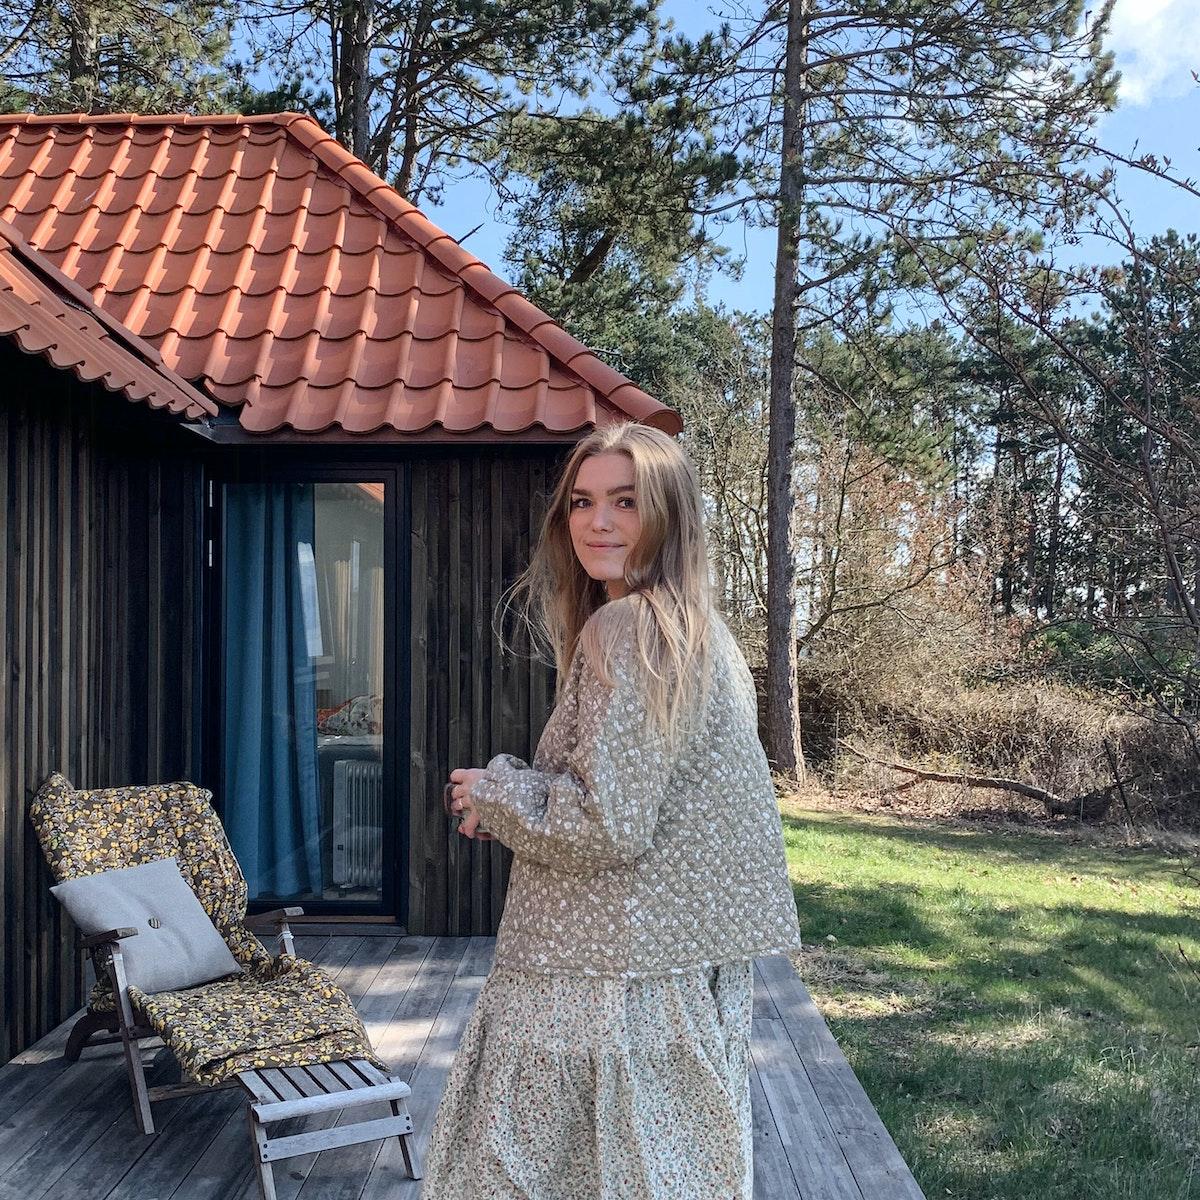 maria-halse-paa-weekendtur-med-veninderne-i-helgenaes-vilde-natur